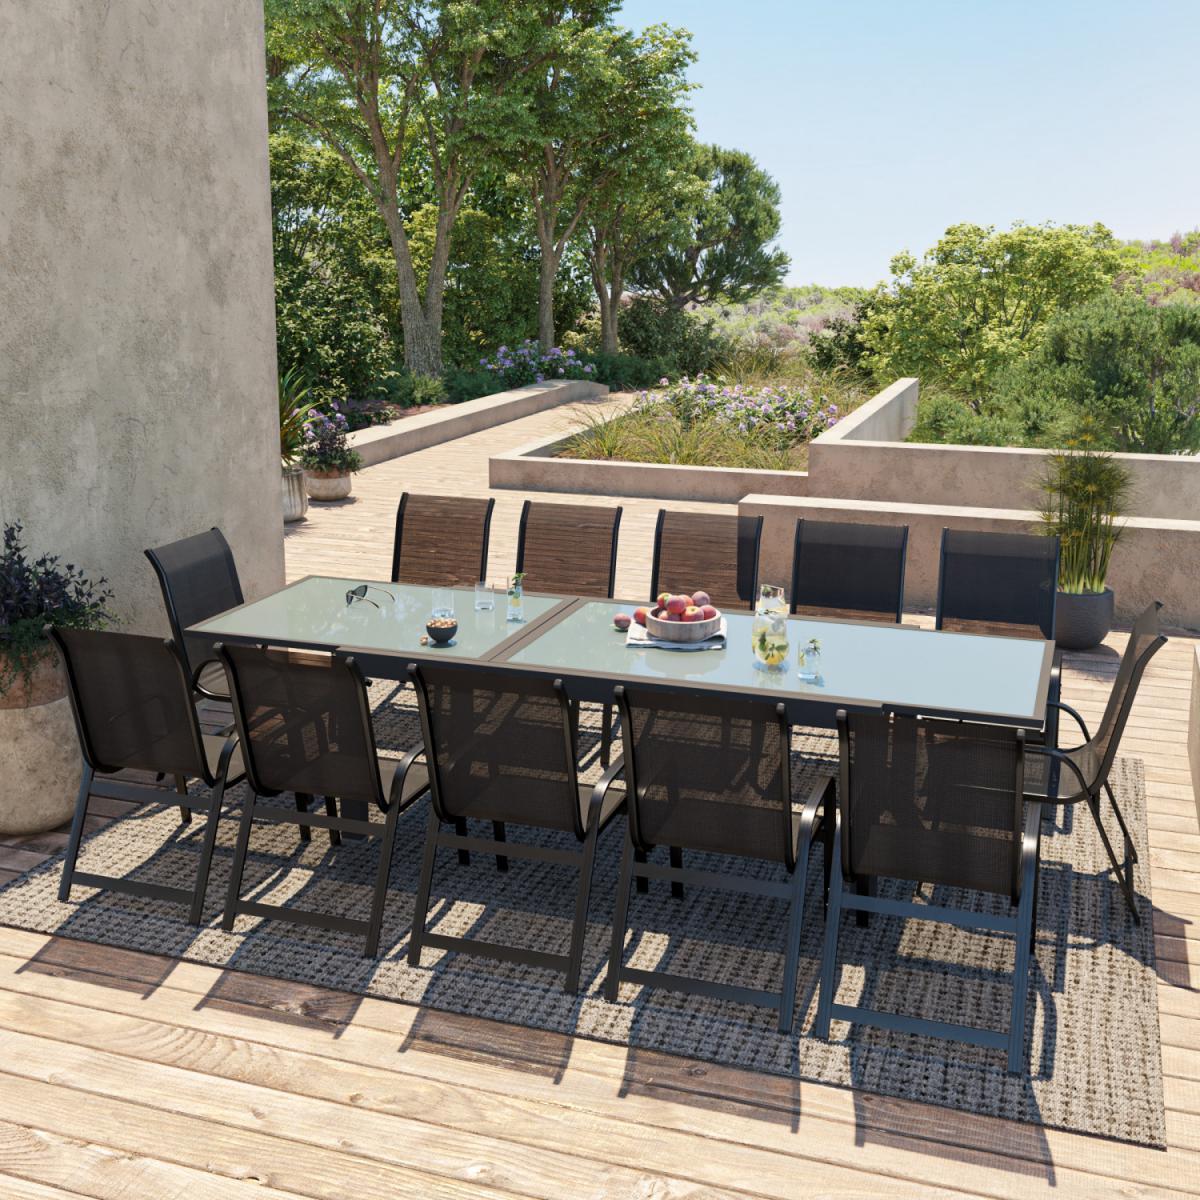 Avril Paris Table de jardin extensible aluminium 200/320cm + 12 fauteuils empilables textilène Noir - FARO 12